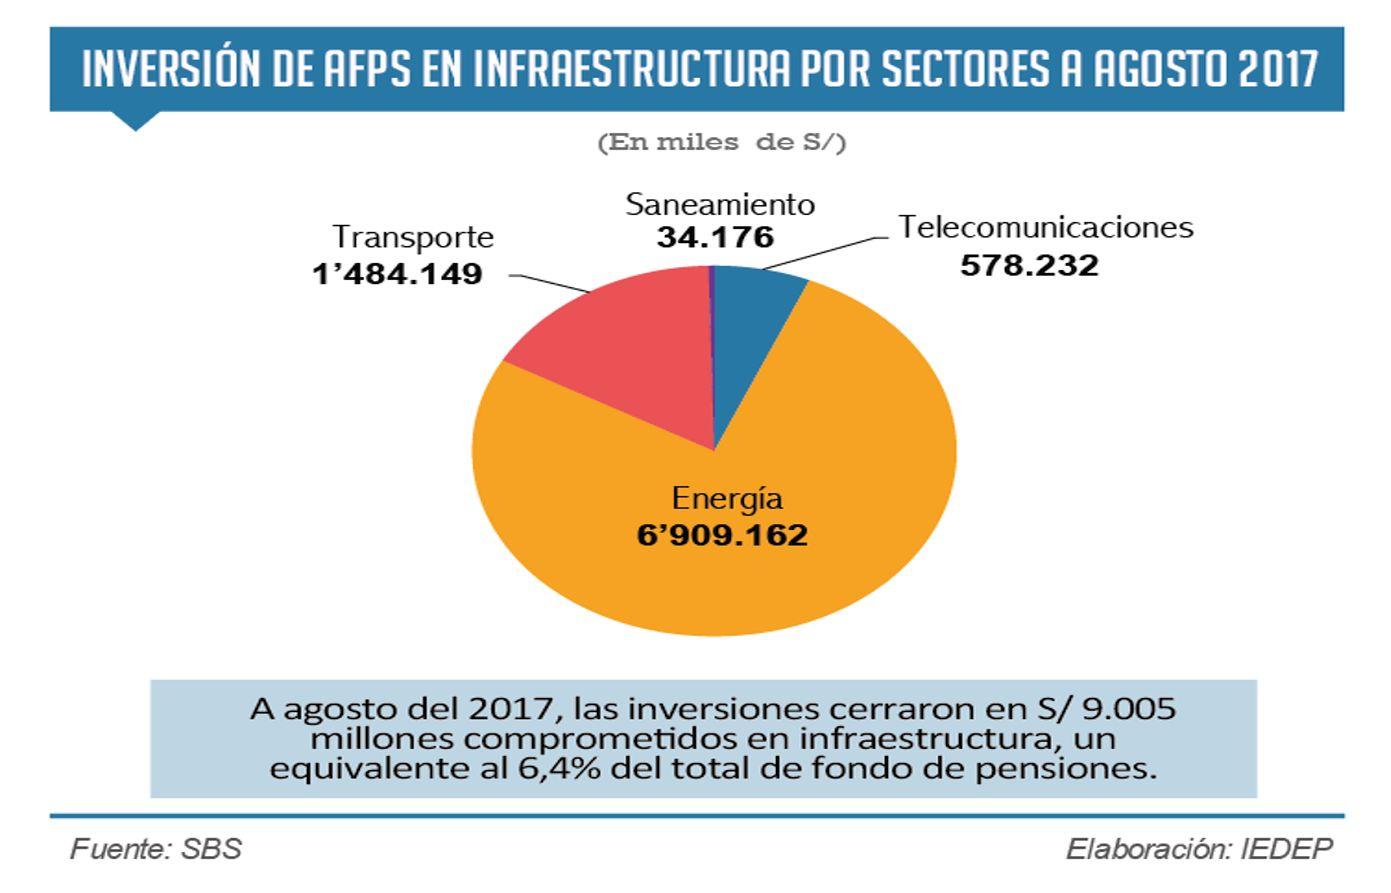 Inversiones de las AFP en infraestructura caen 34.4% a agosto, informó CCL